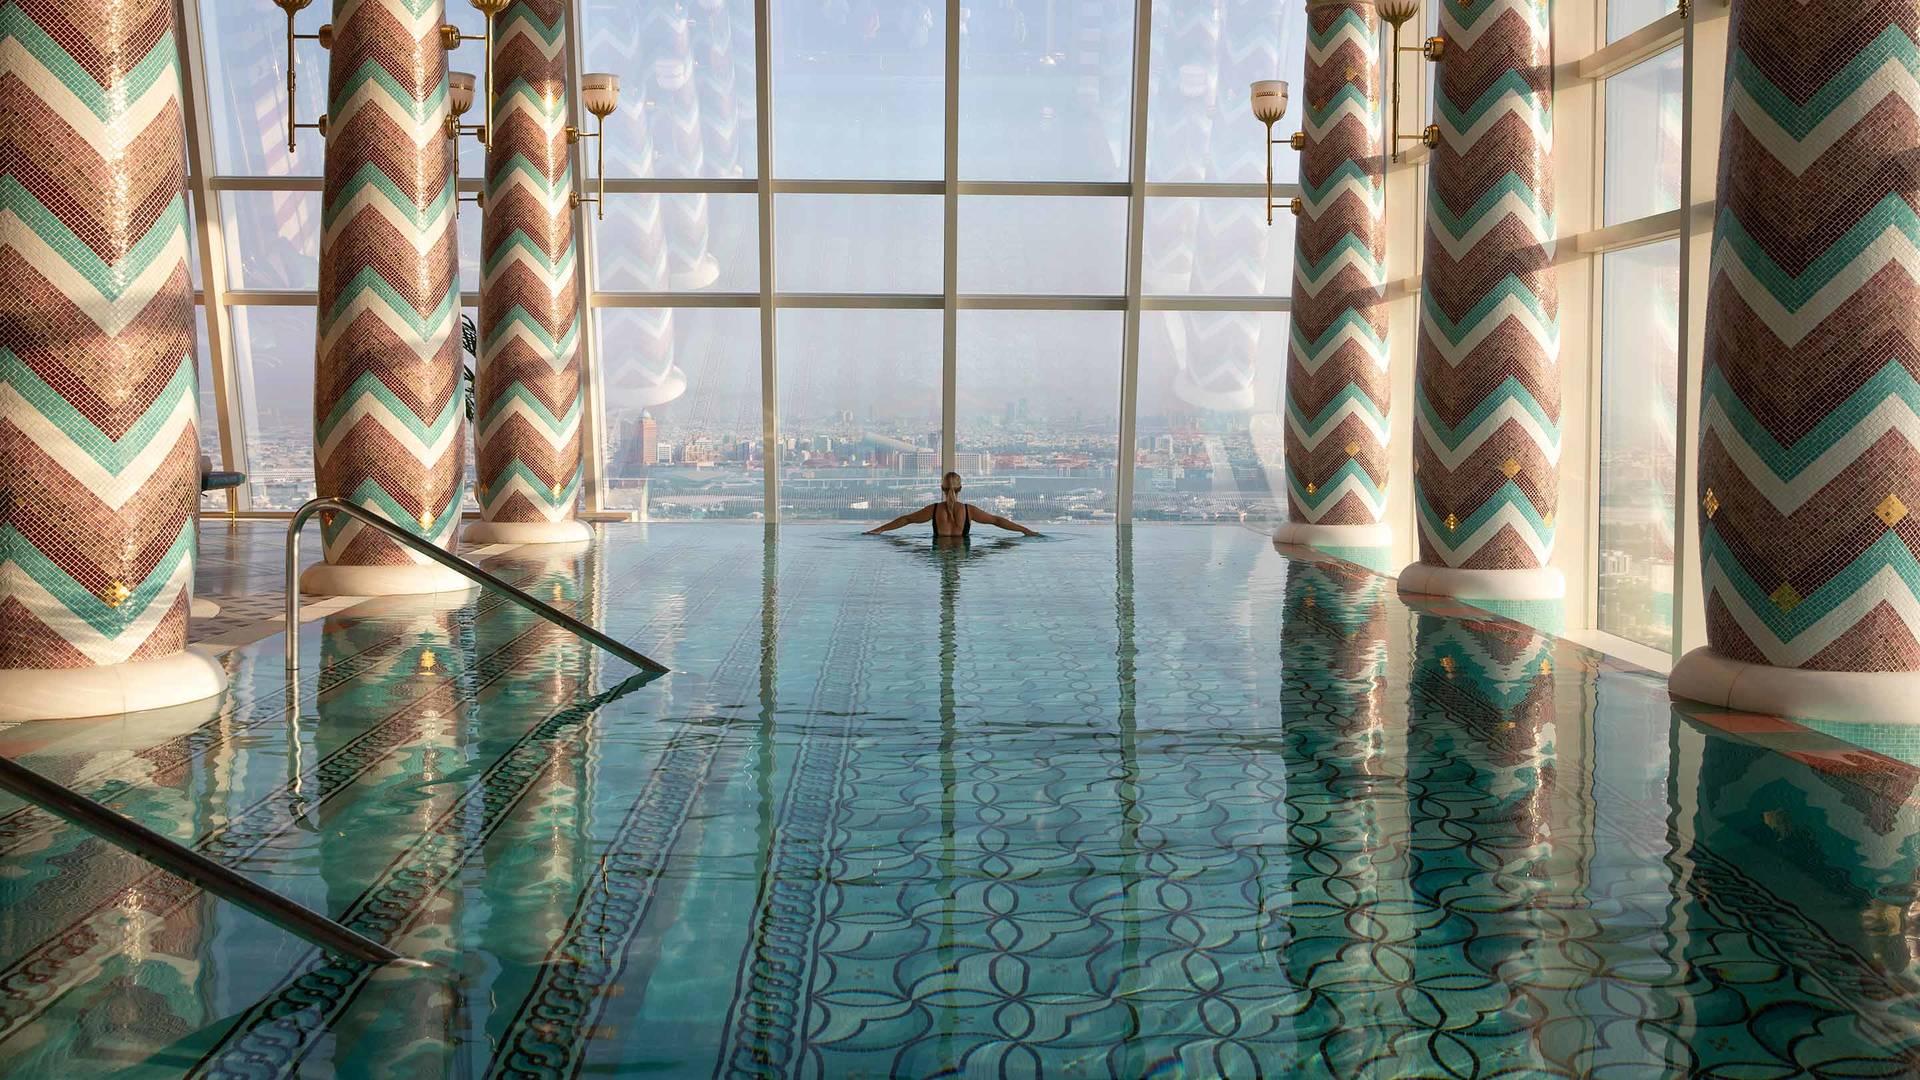 卓美亚帆船酒店泰丽丝水疗中心游泳池3_6-4